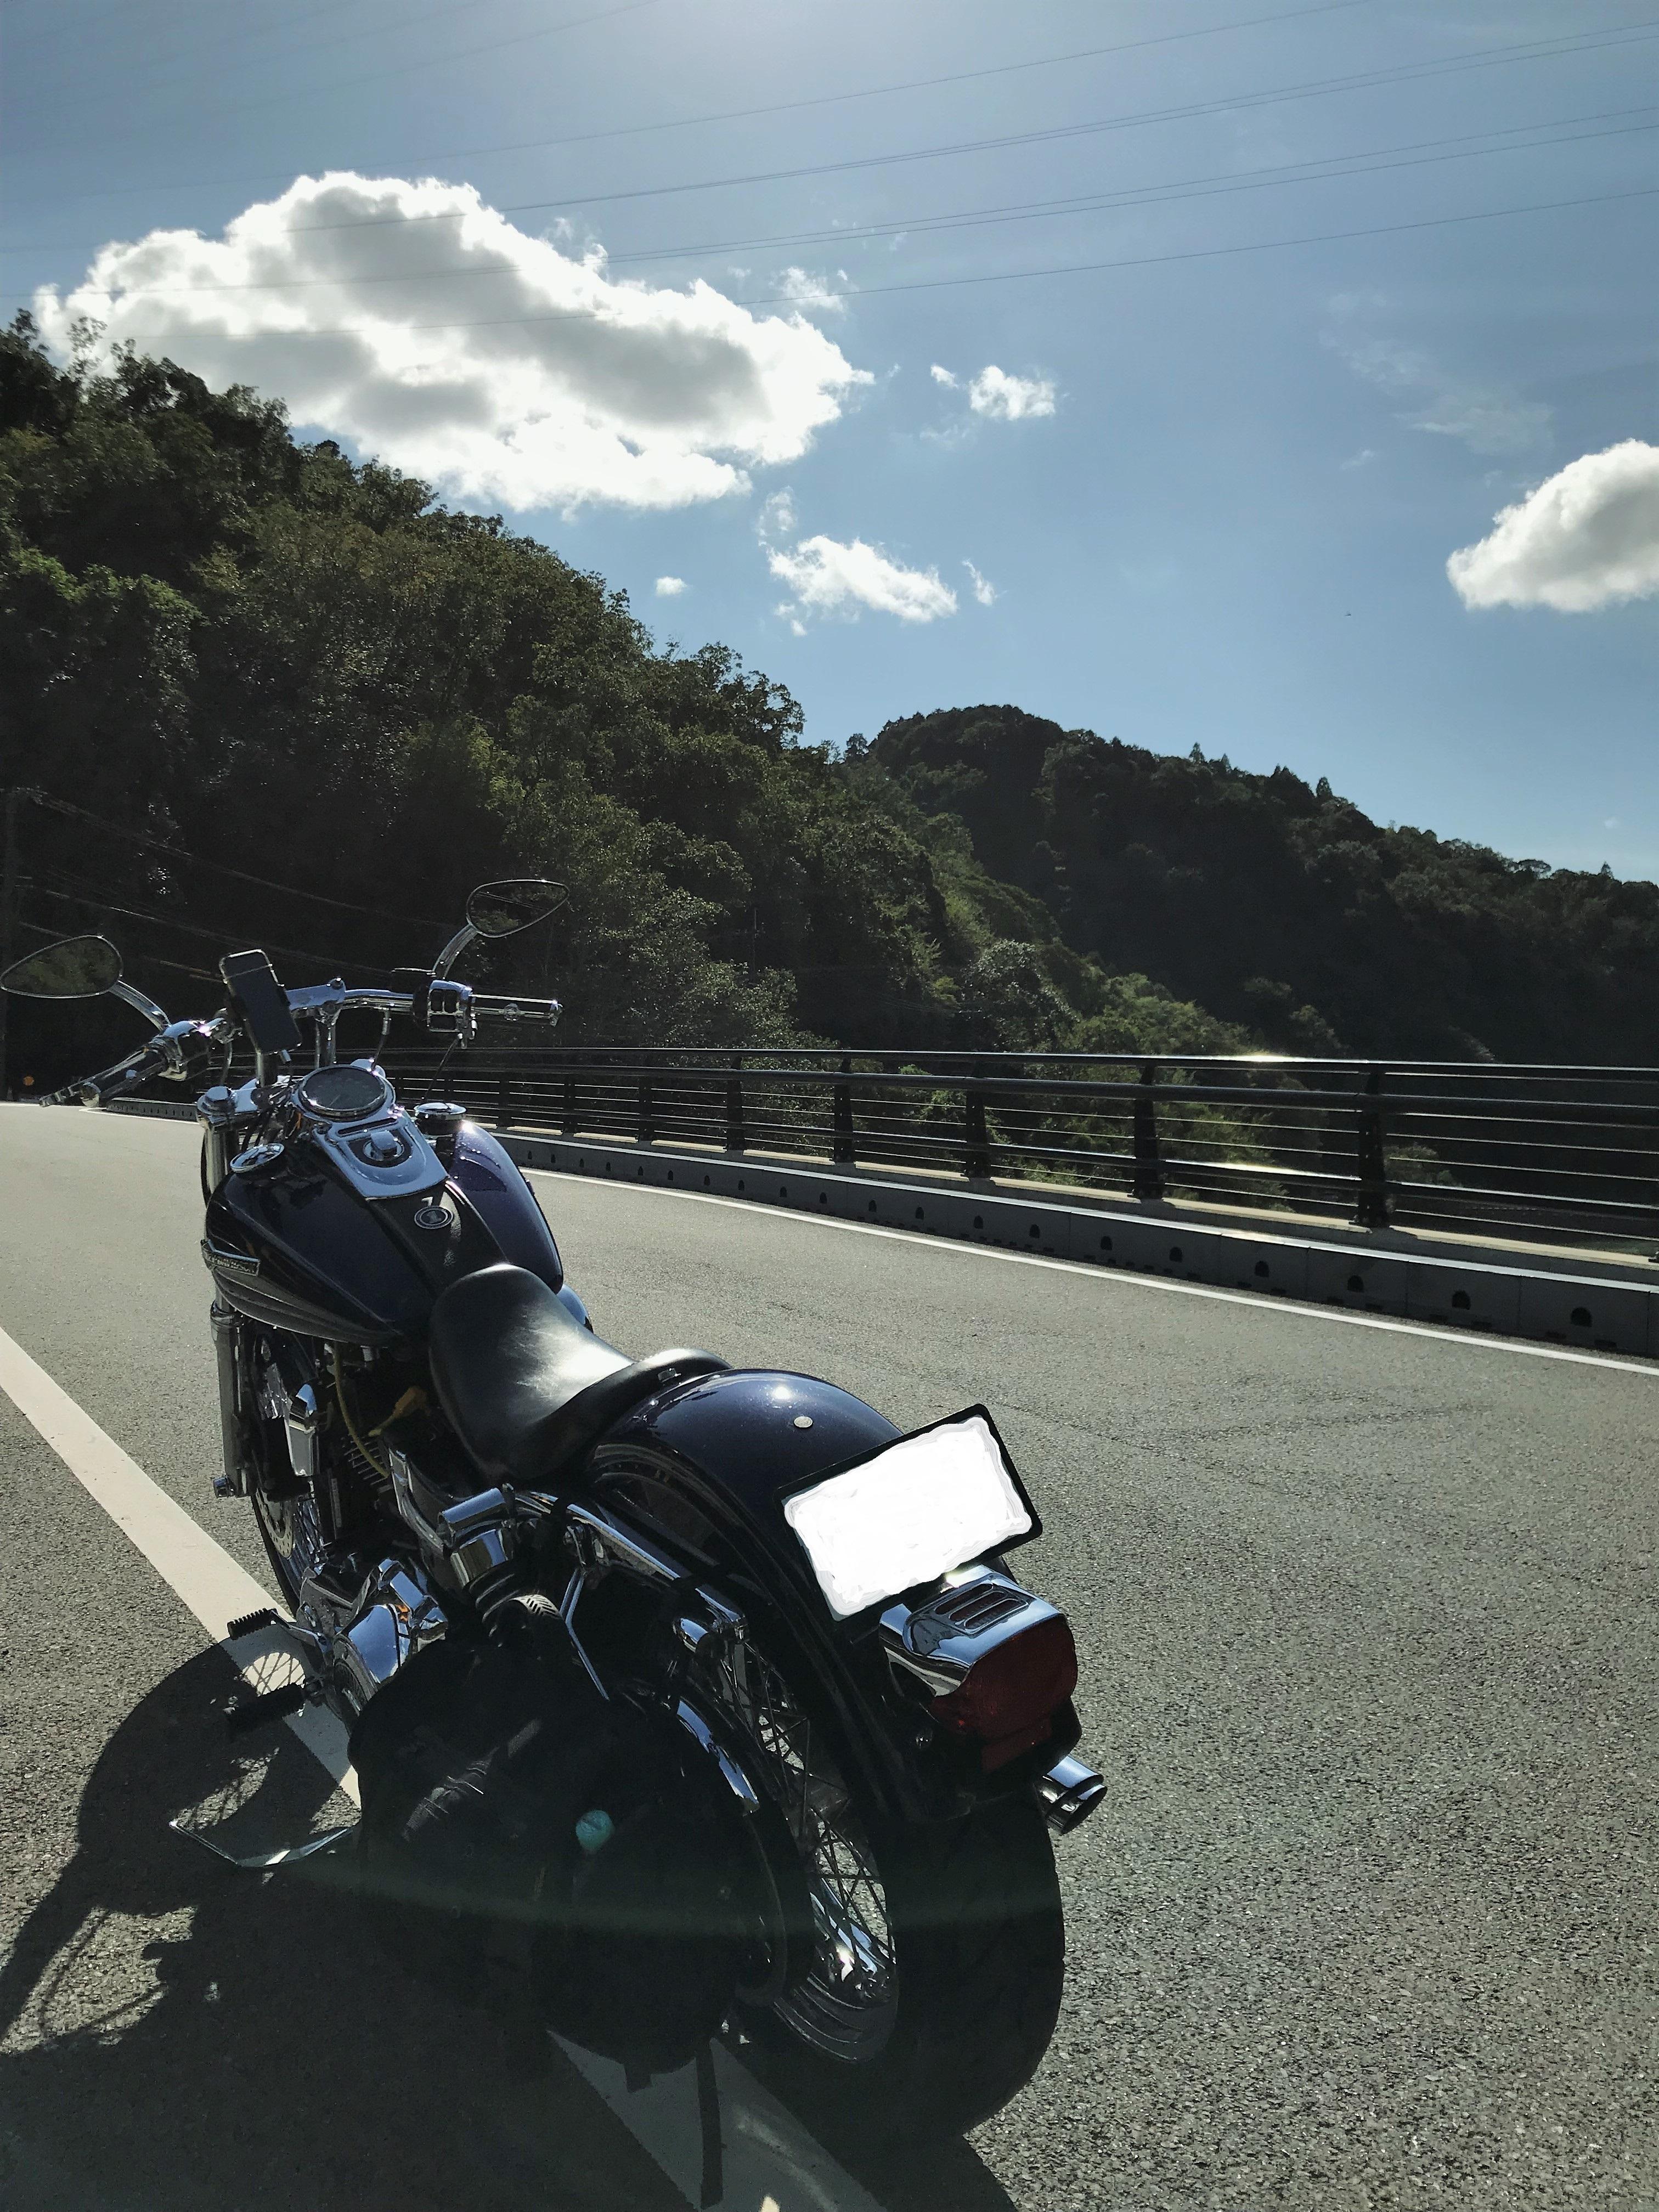 ぴーきち&ダイナ ハーレーで行く 天ケ瀬ダム ツーリング 白虹橋